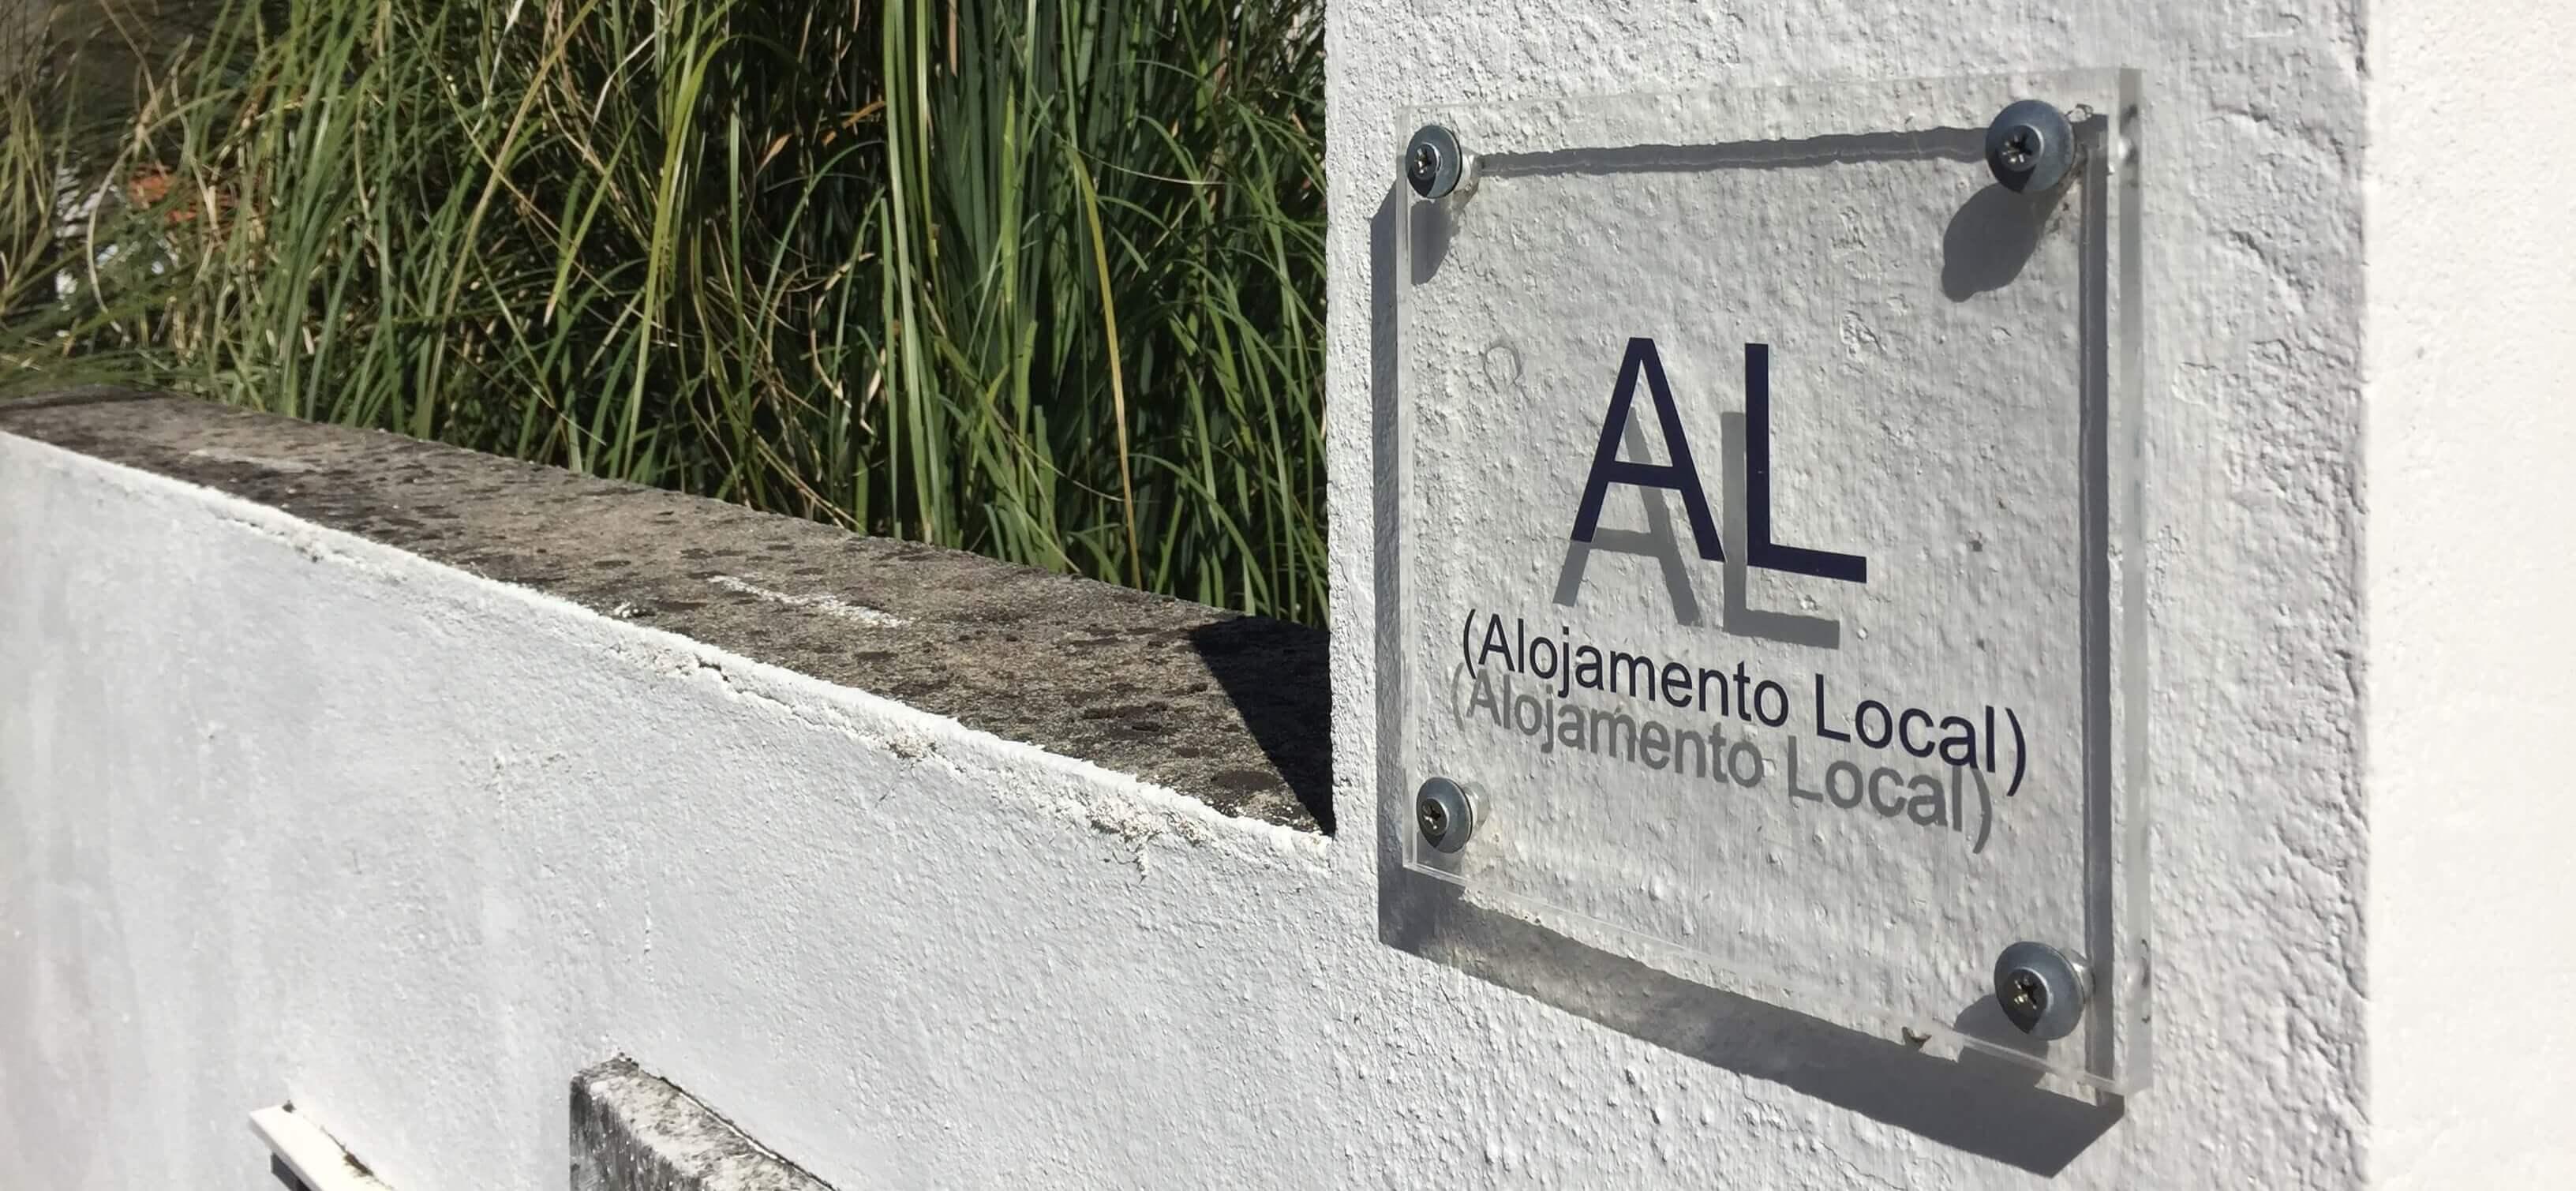 Portugalore | Webdesign |Advies Alojamento Local & Emigratie